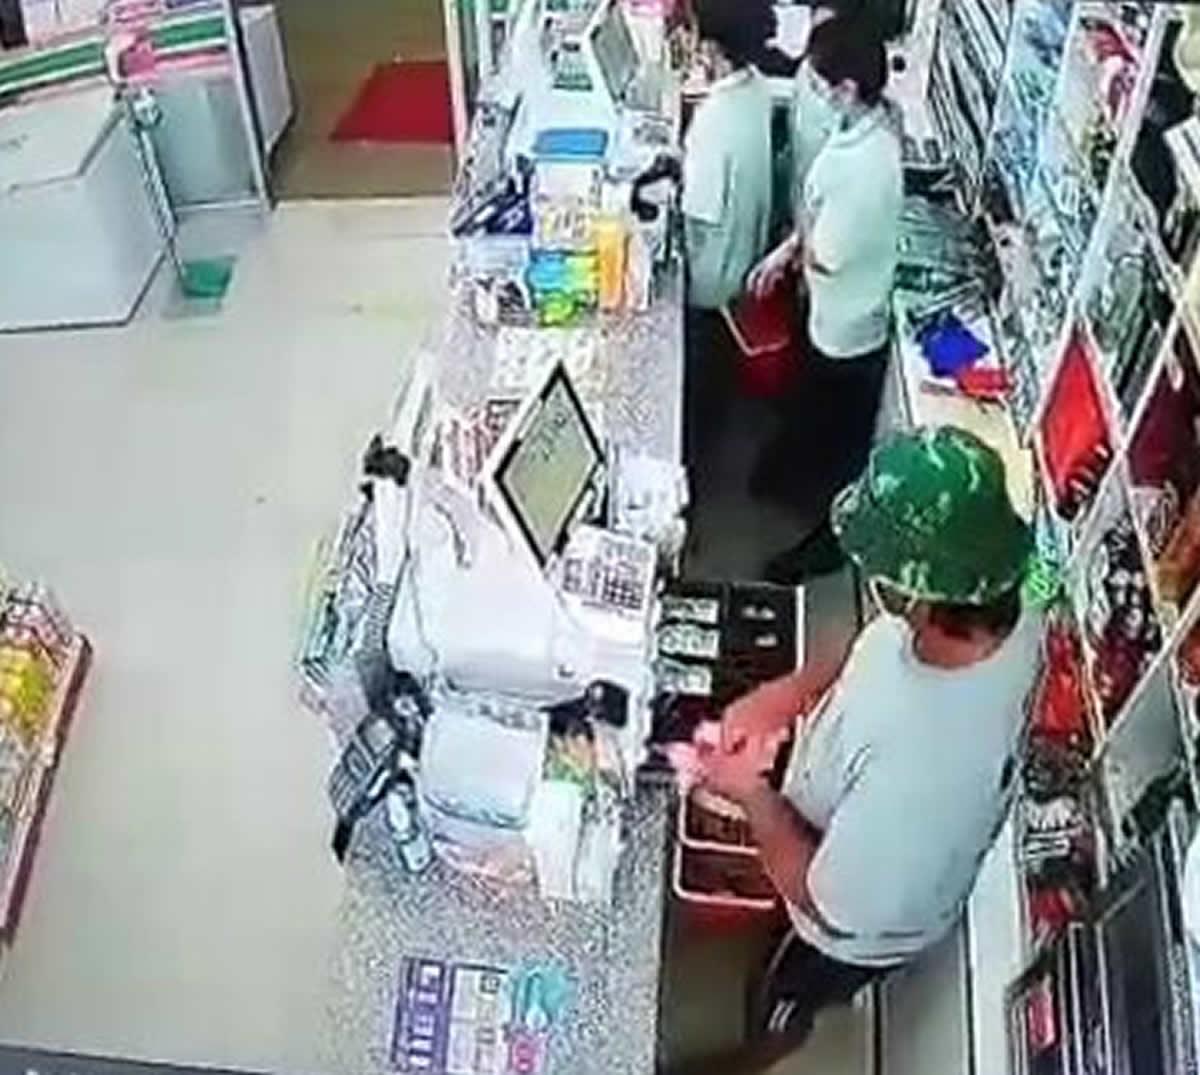 非武装コンビニ強盗、現金2,267バーツを奪って逃走